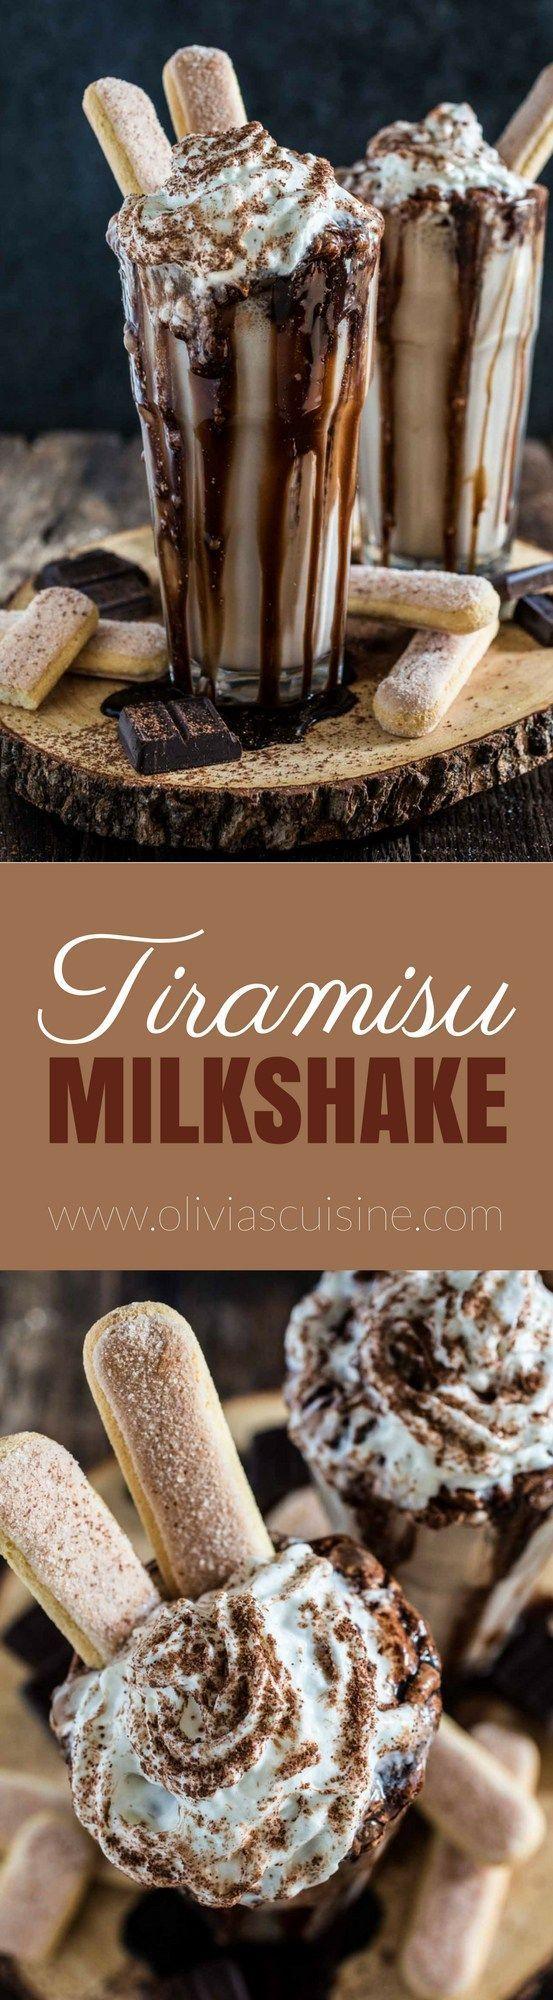 Tiramisu Milkshake | http://www.oliviascuisine.com | This EPIC milkshake, inspired by the classic Italian tiramisu, is rich, creamy and oh so delicious.